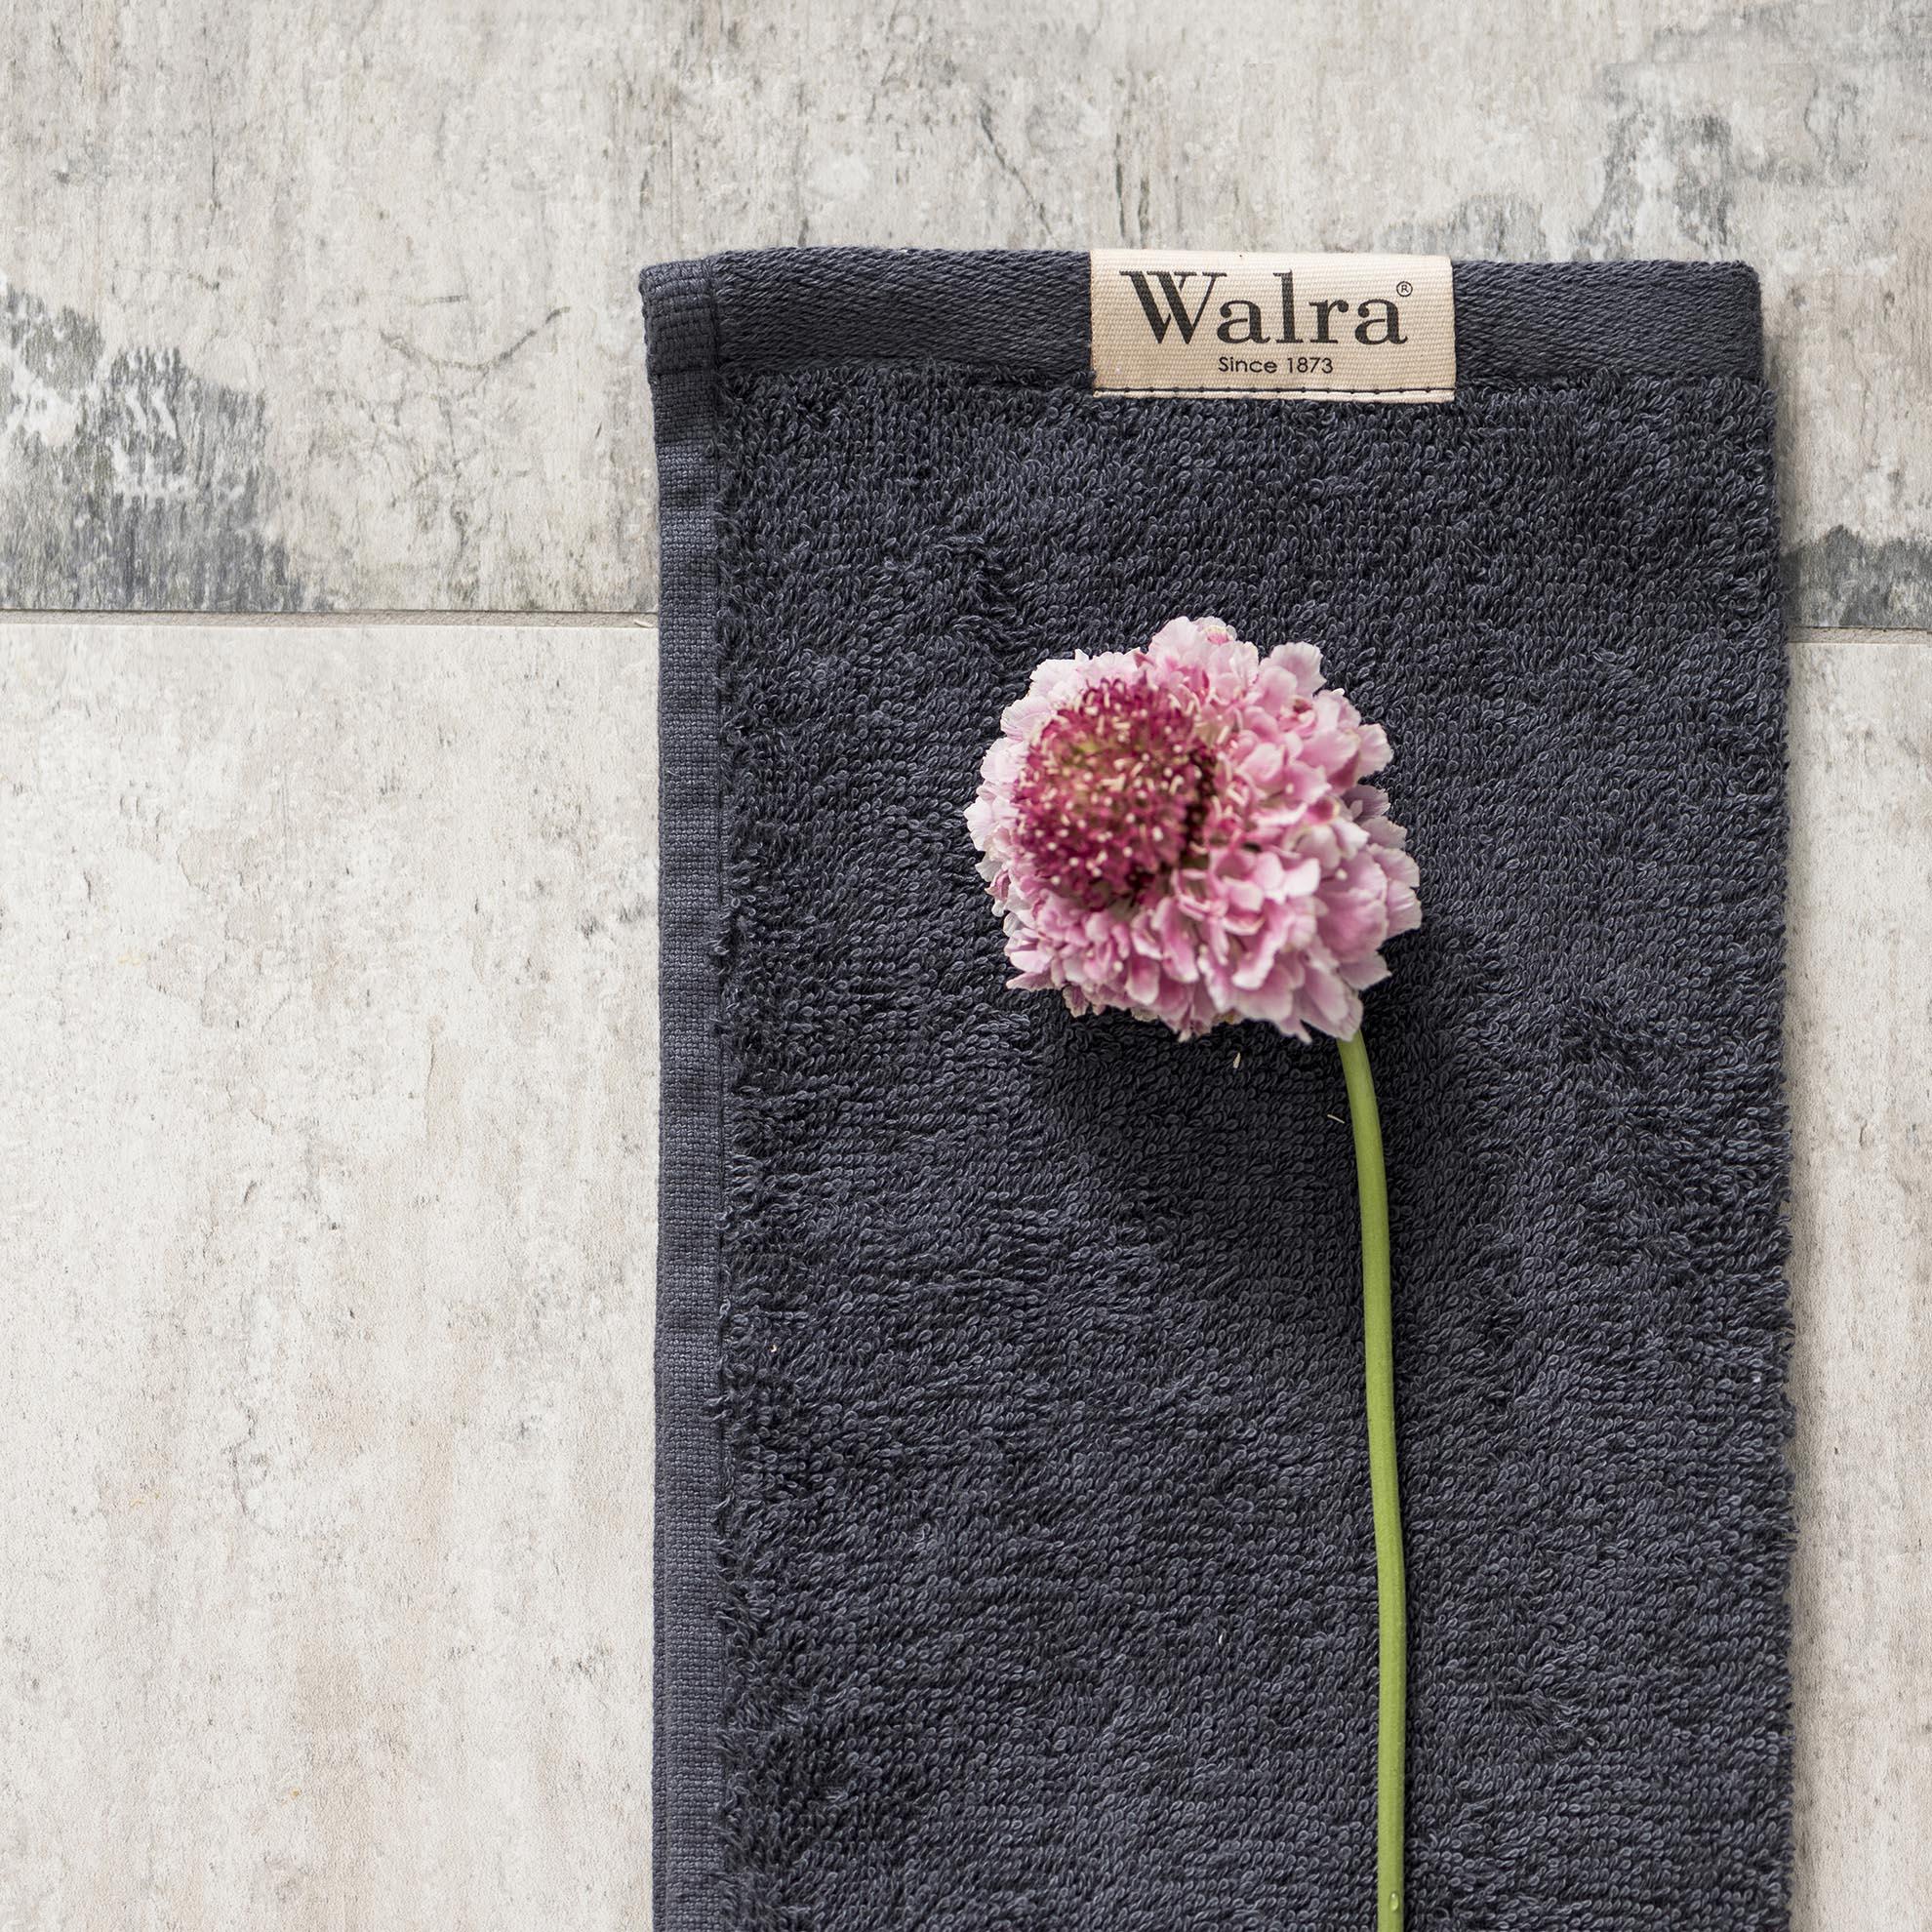 Gastendoek Walra Soft Katoen II (30x50) Antraciet Set van 2 stuks